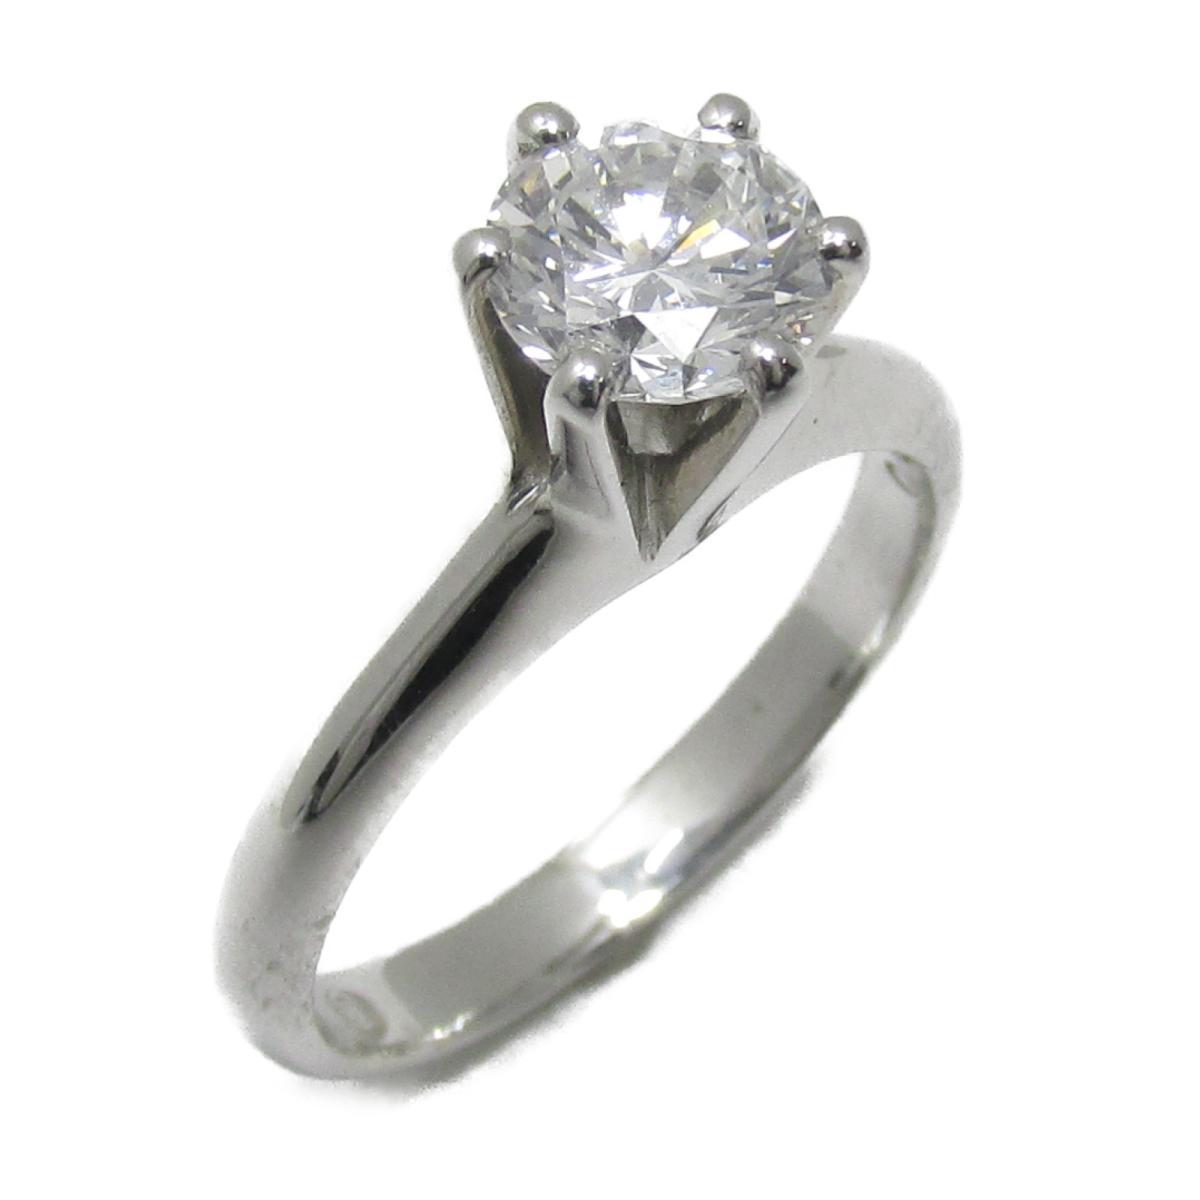 【中古】 ジュエリー ダイヤモンド リング 指輪 レディース PT900 プラチナ x (0.87ct) | JEWELRY BRANDOFF ブランドオフ ブランド アクセサリー